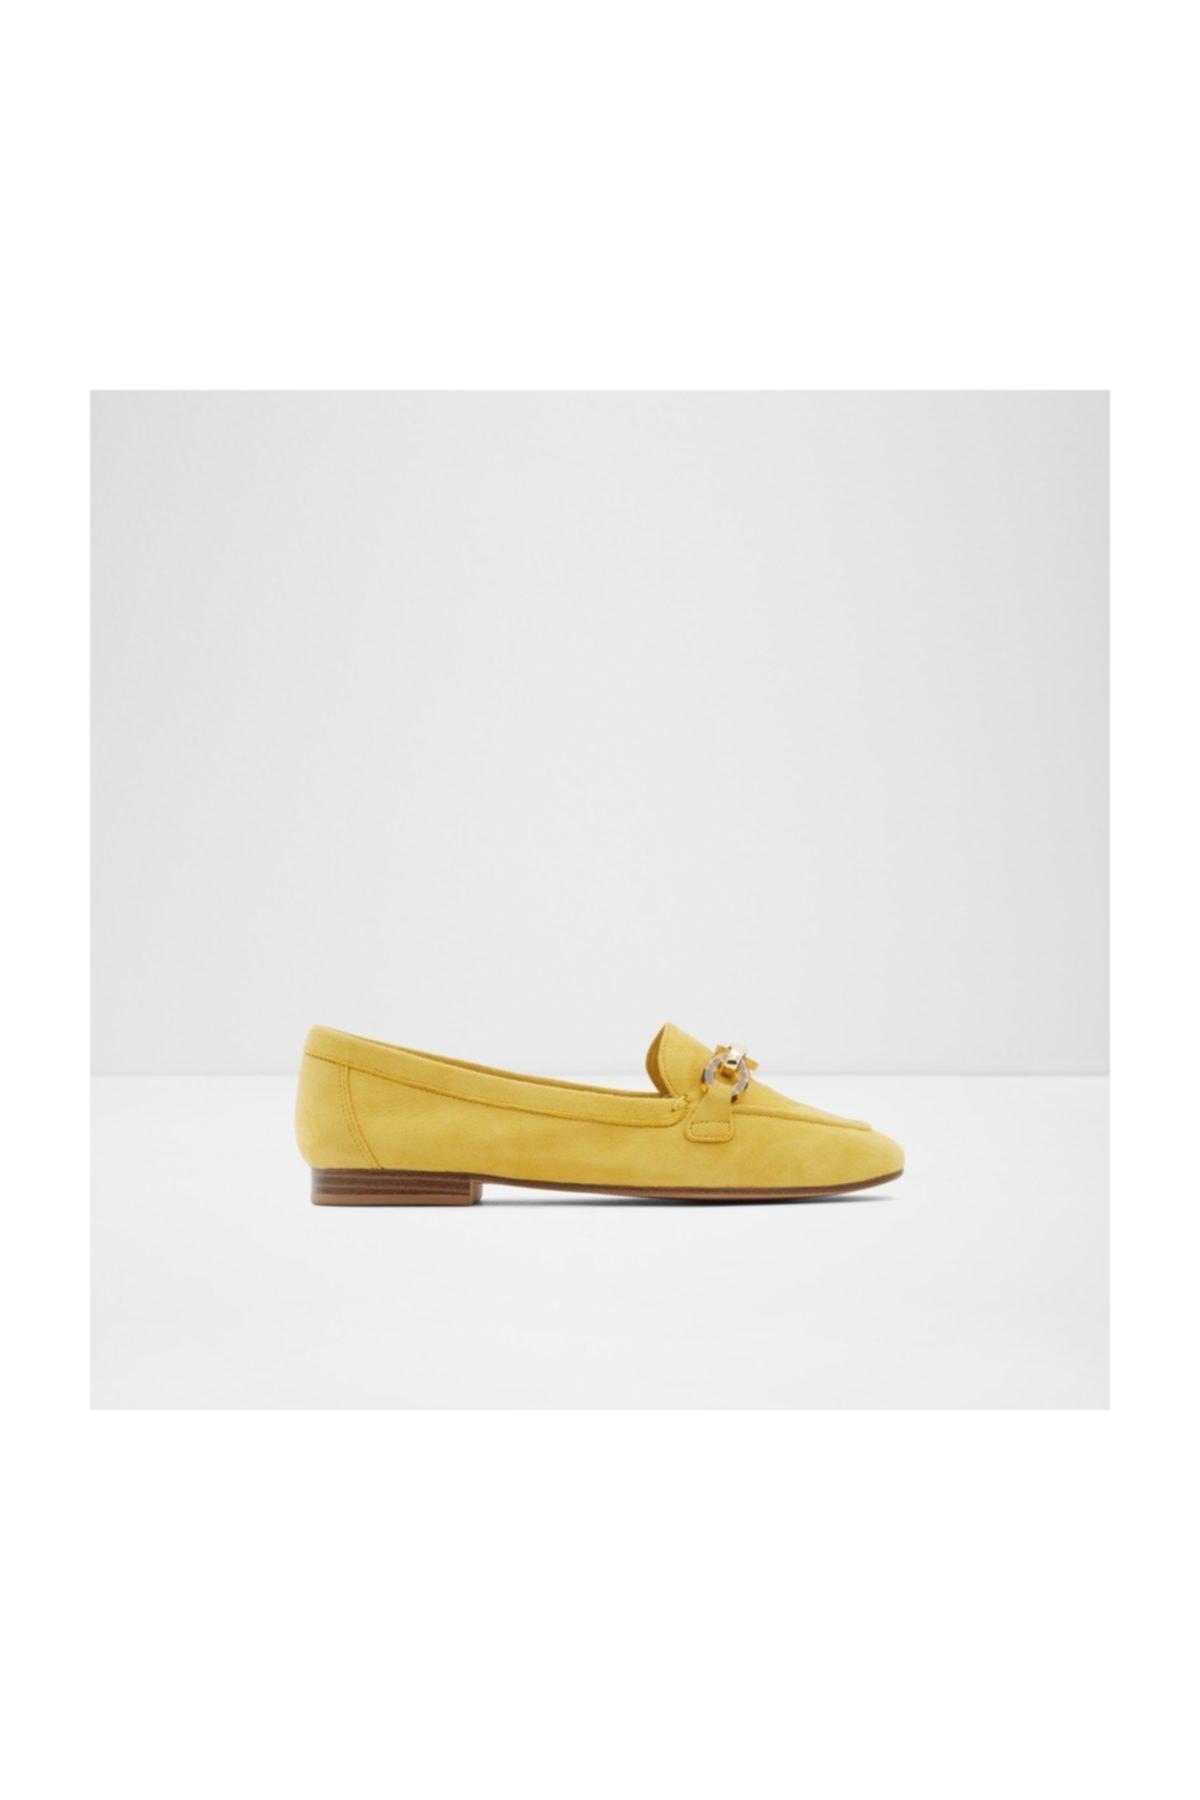 Aldo Gwaulıth - Sarı Kadın Loafer 1